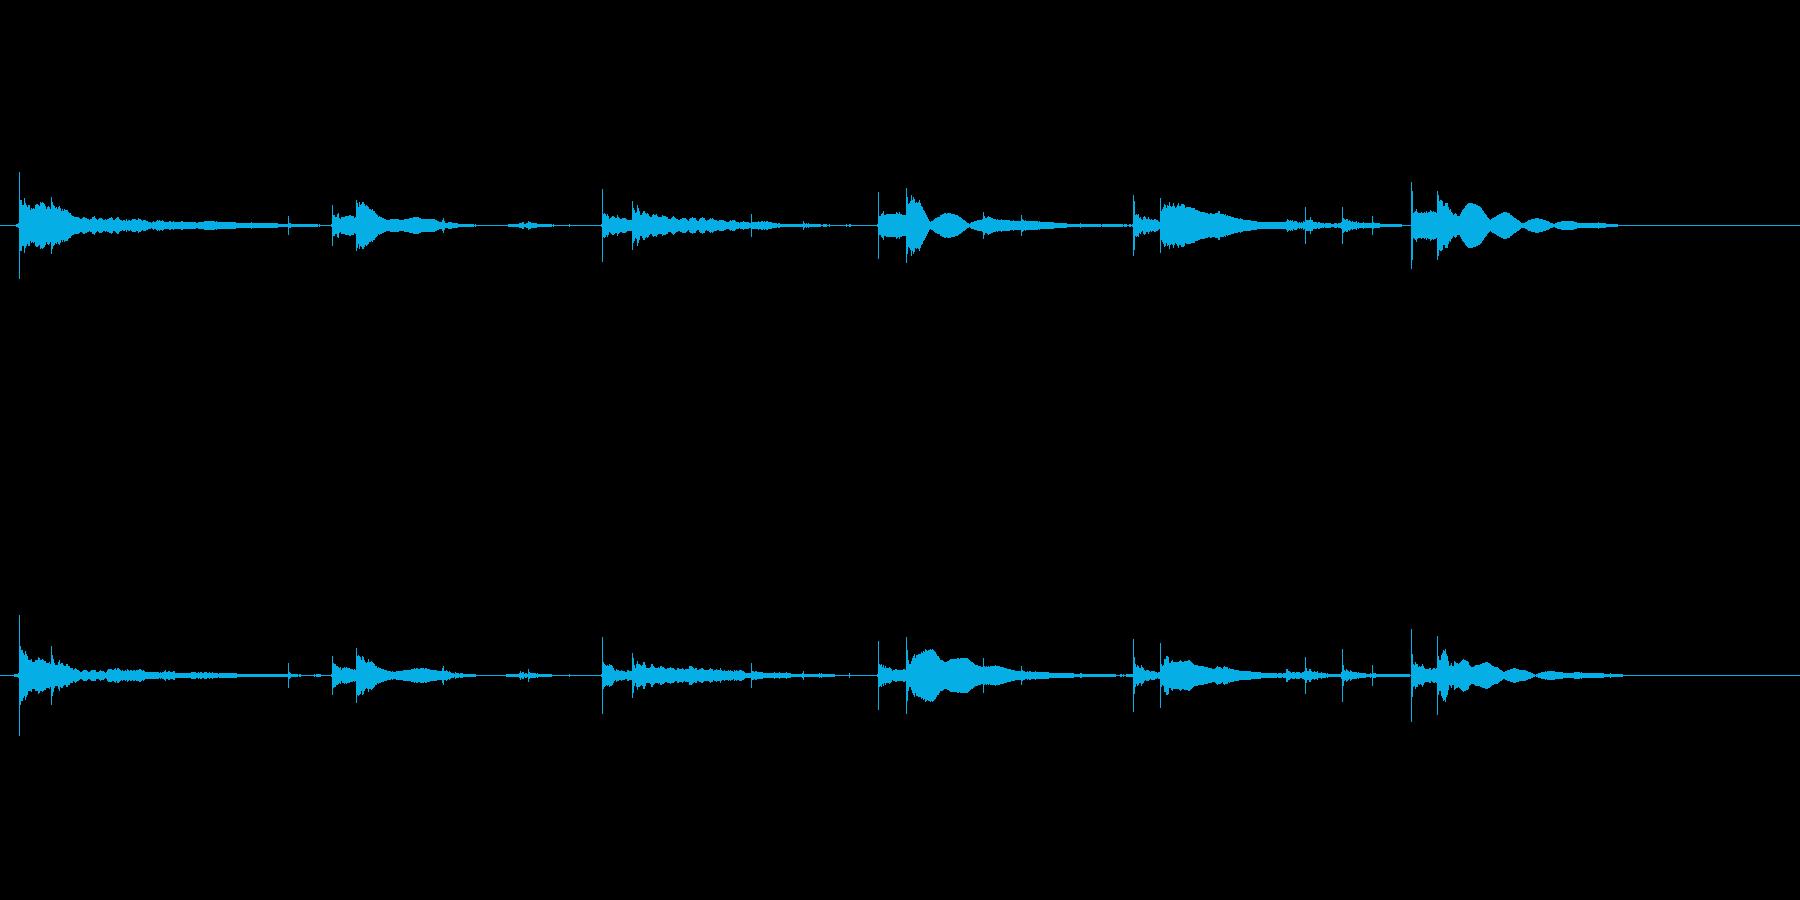 生音エレキギター65弦チューニングエコーの再生済みの波形